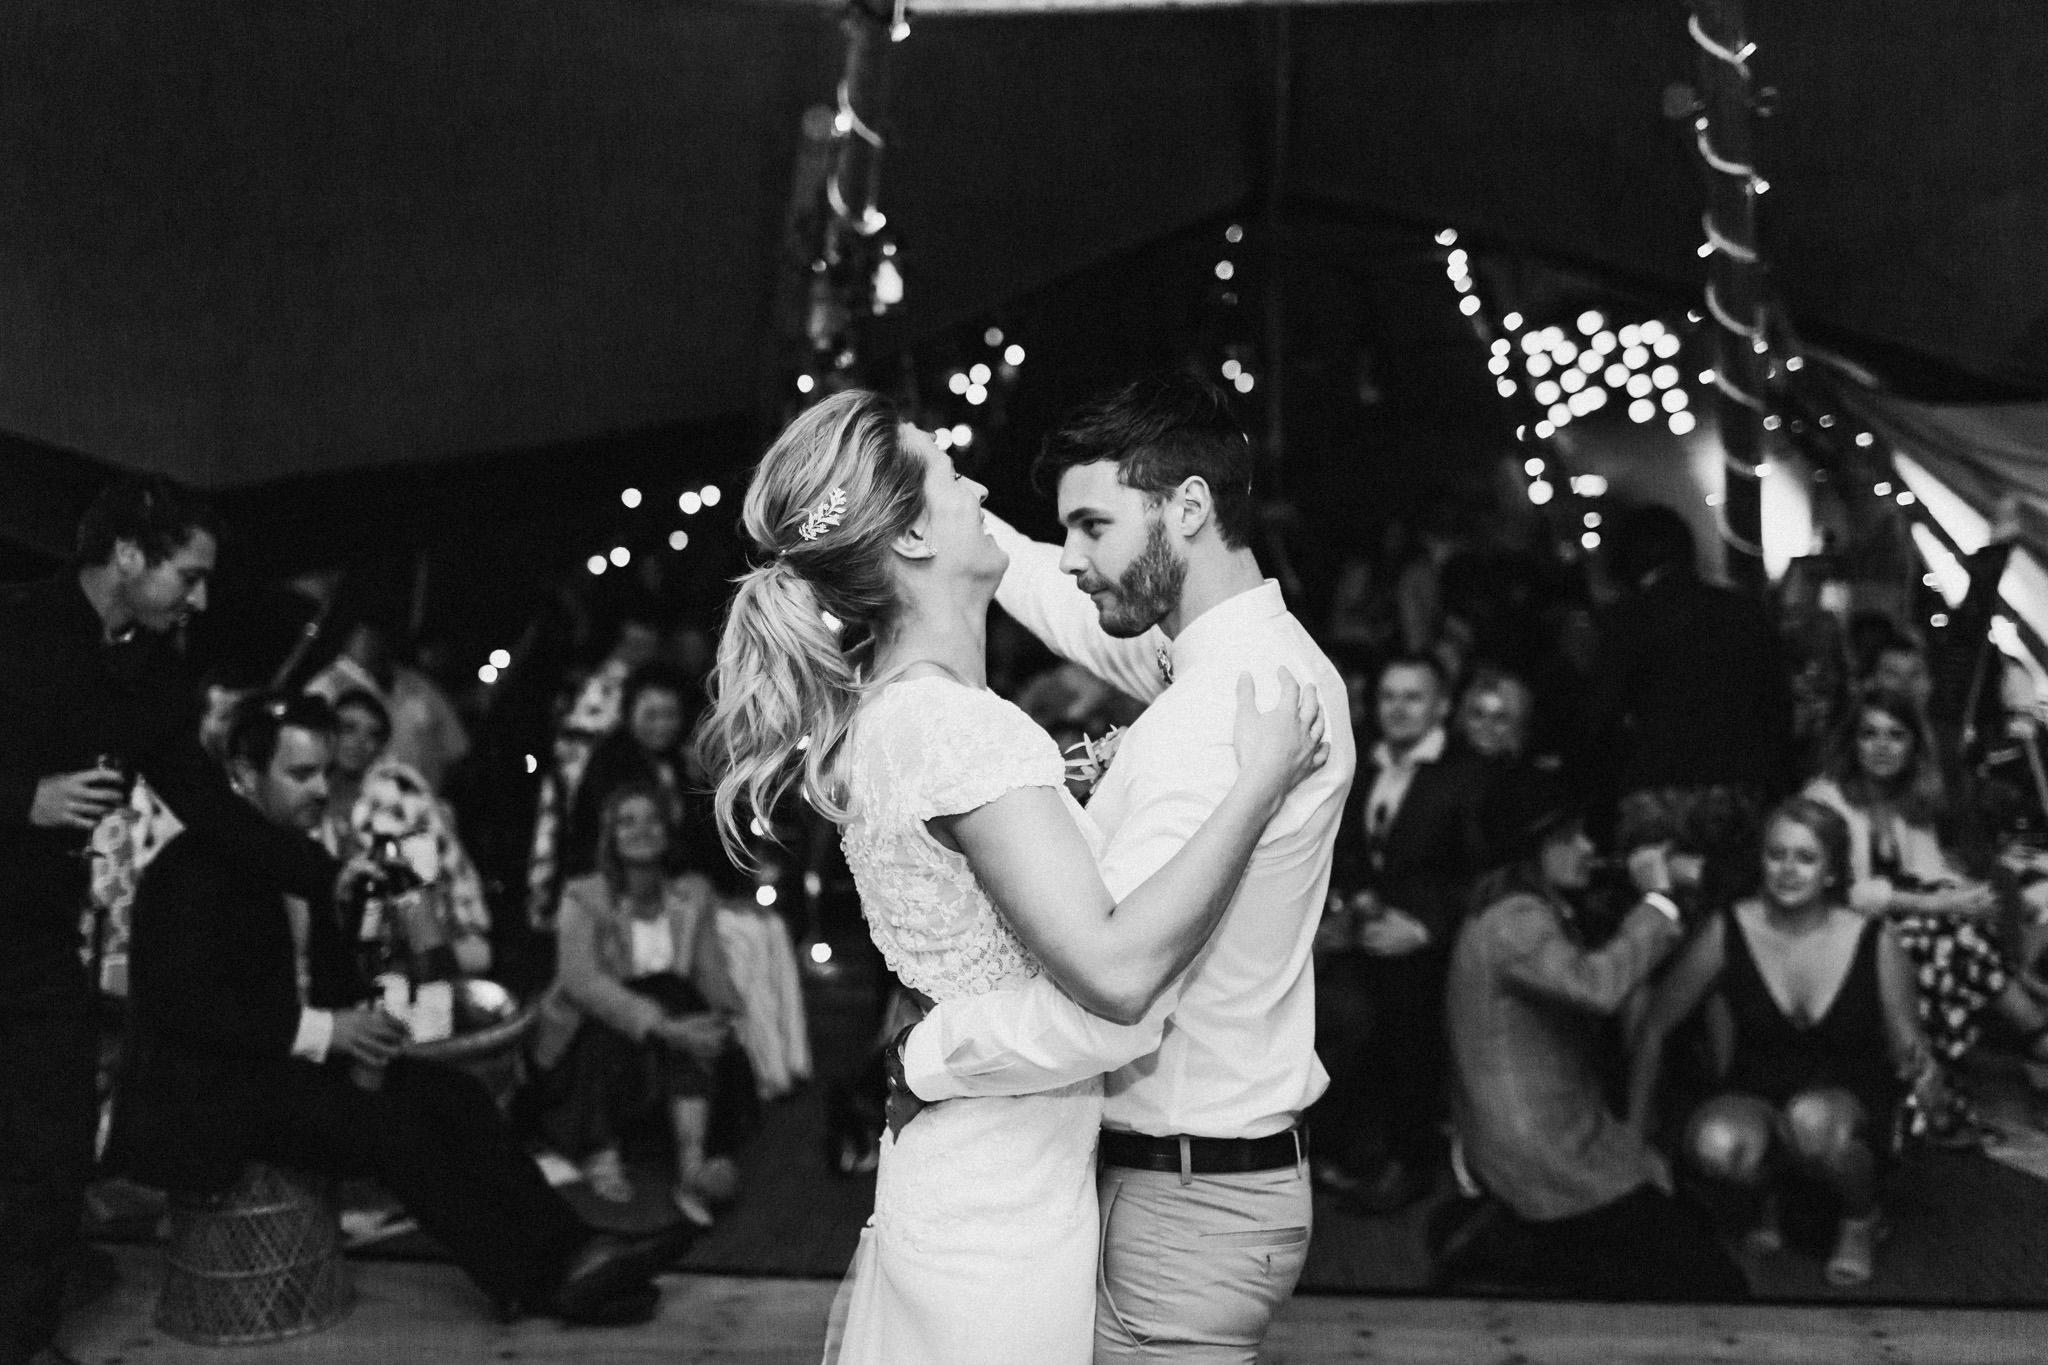 WeddingPhotos_Facebook_2048pixels-1858.jpg